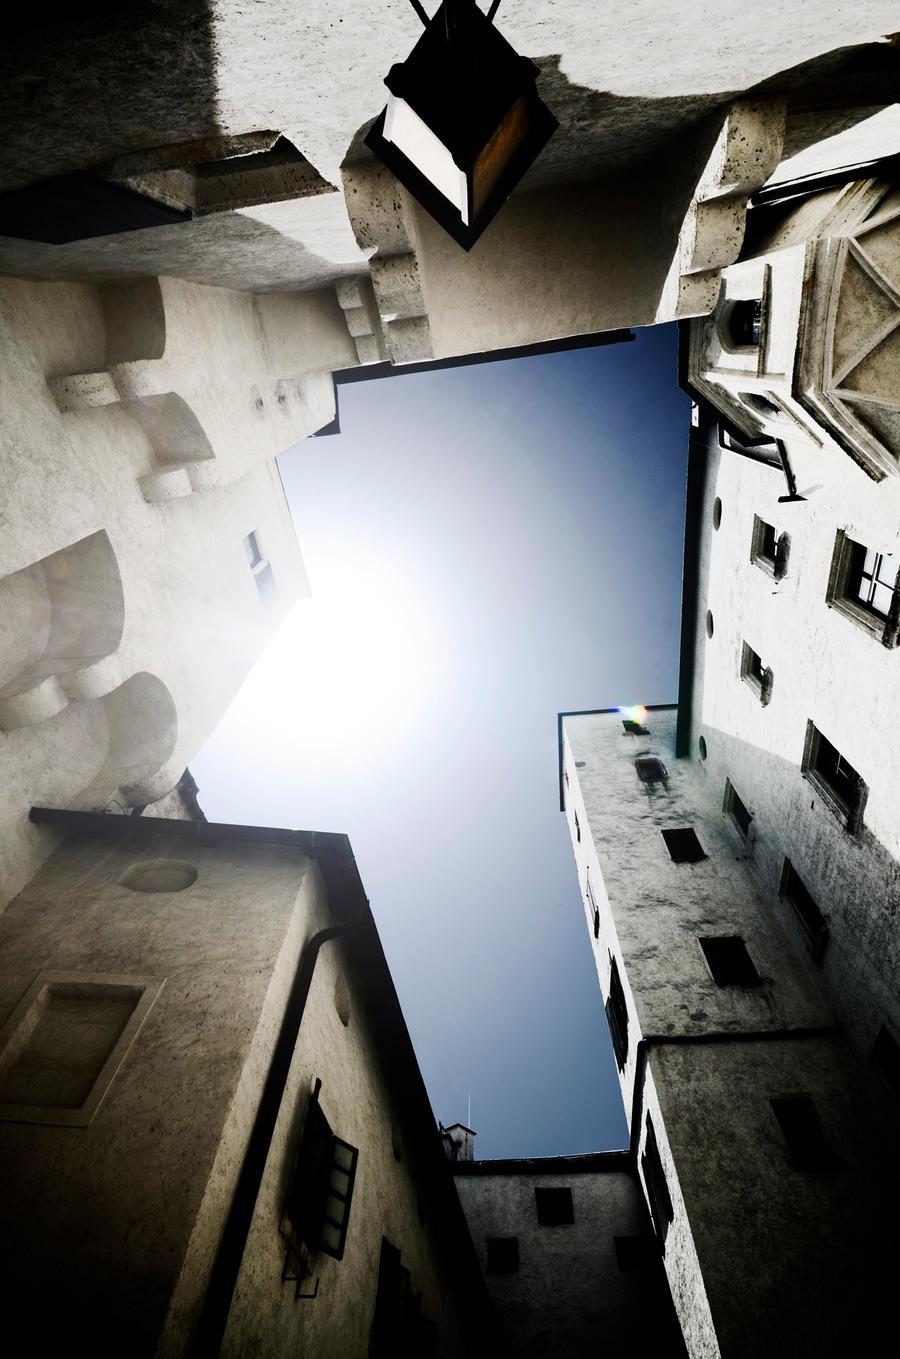 Festung by CaveCanem42